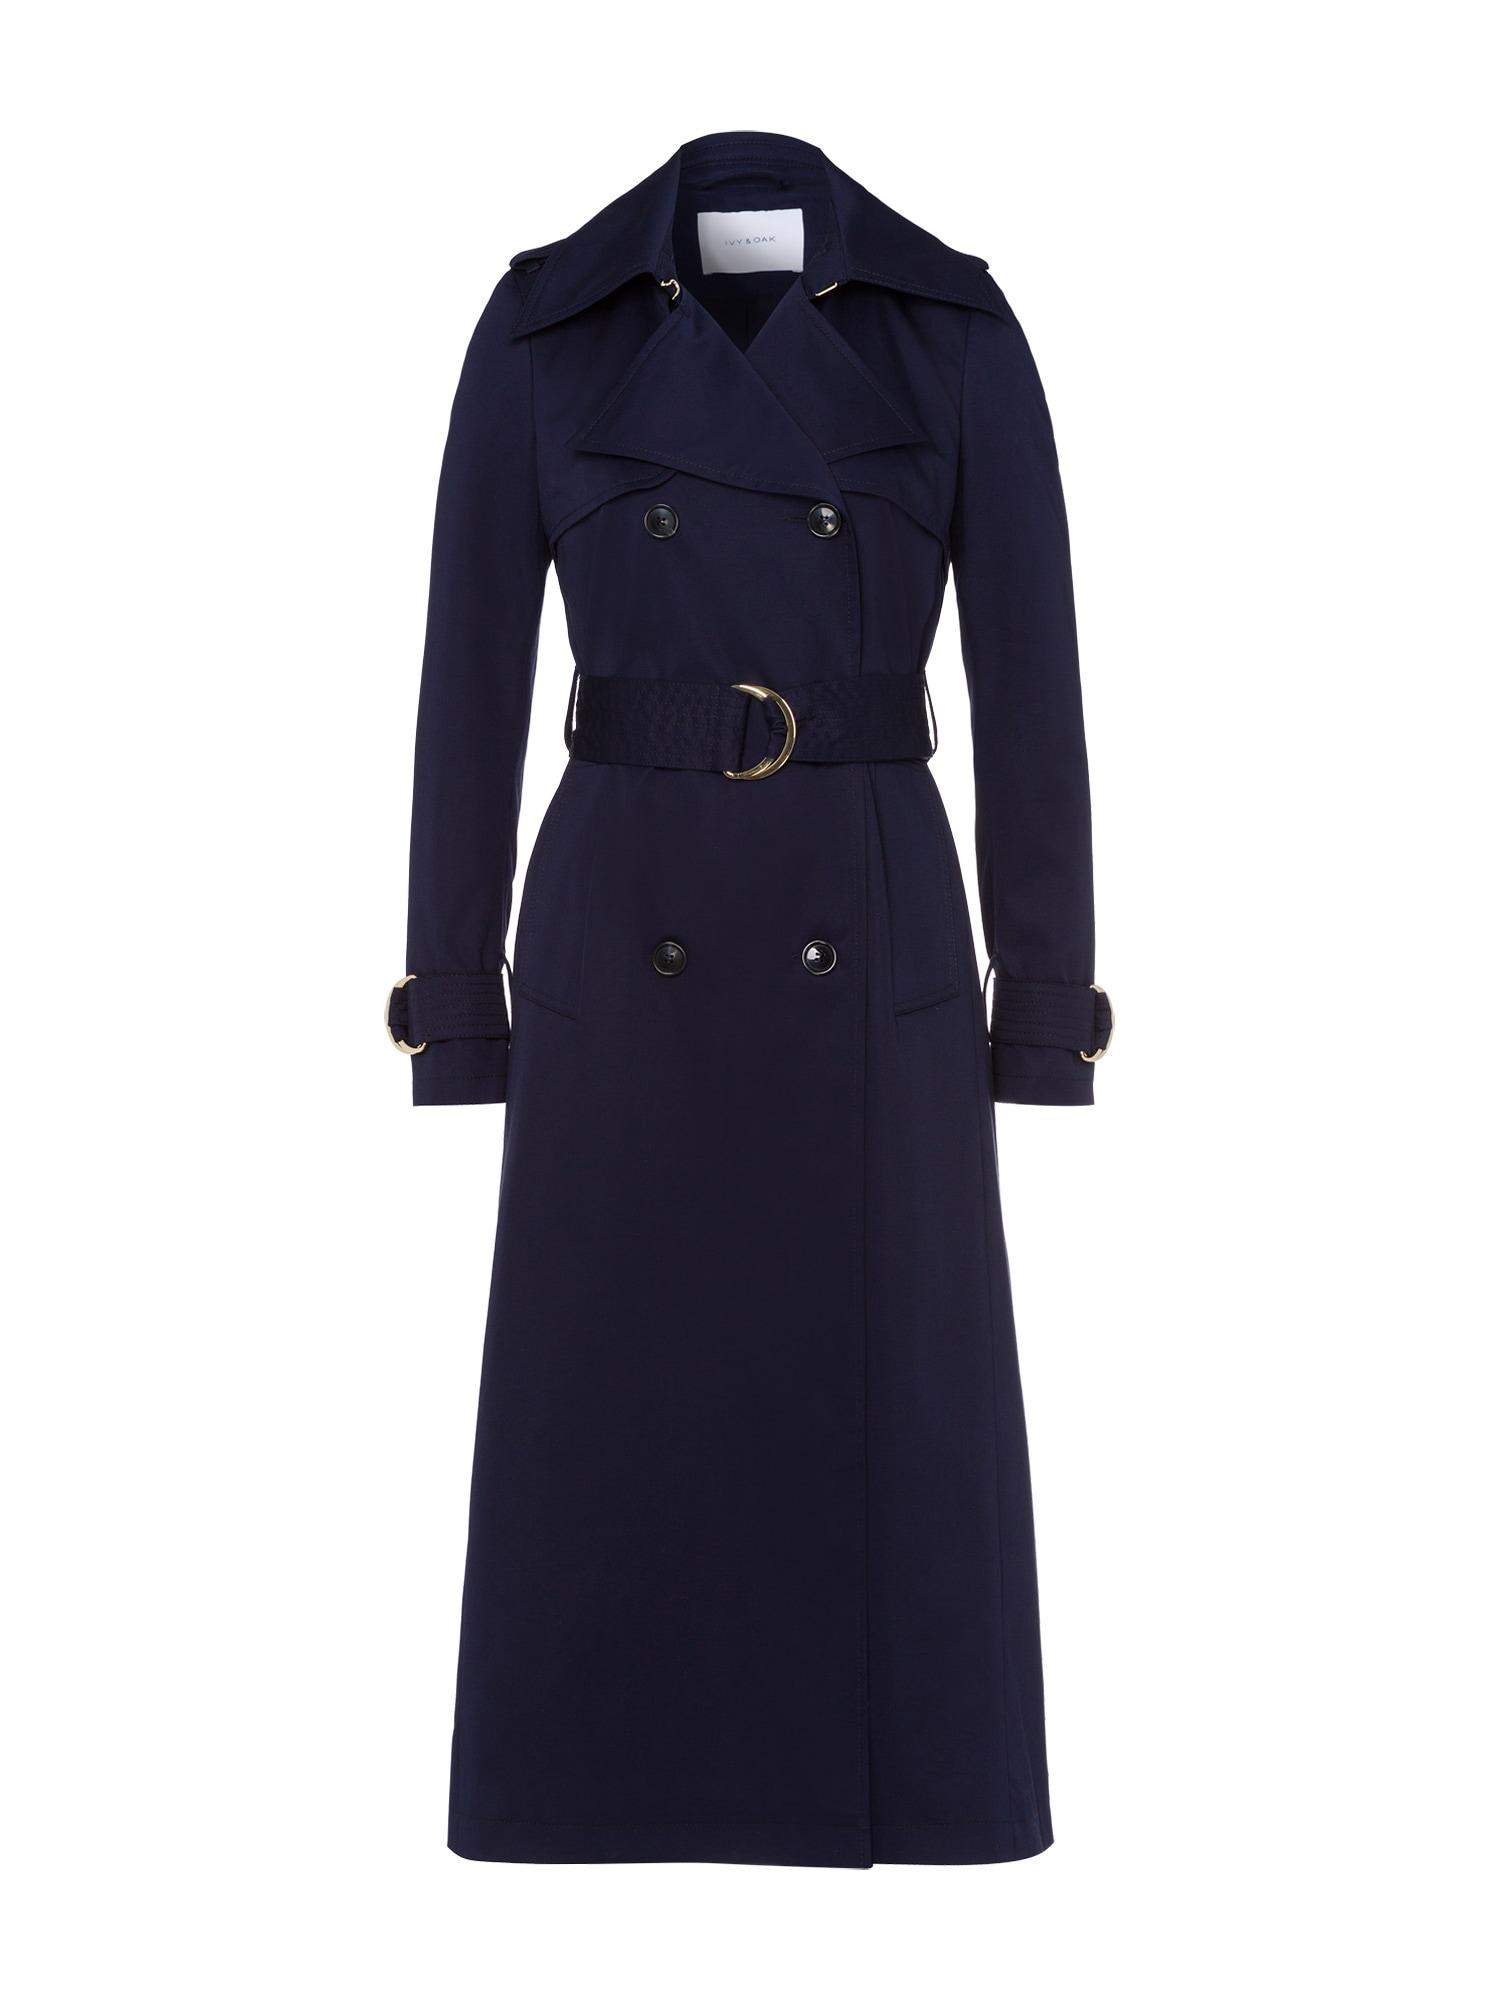 Přechodný kabát Trench Coat námořnická modř IVY & OAK